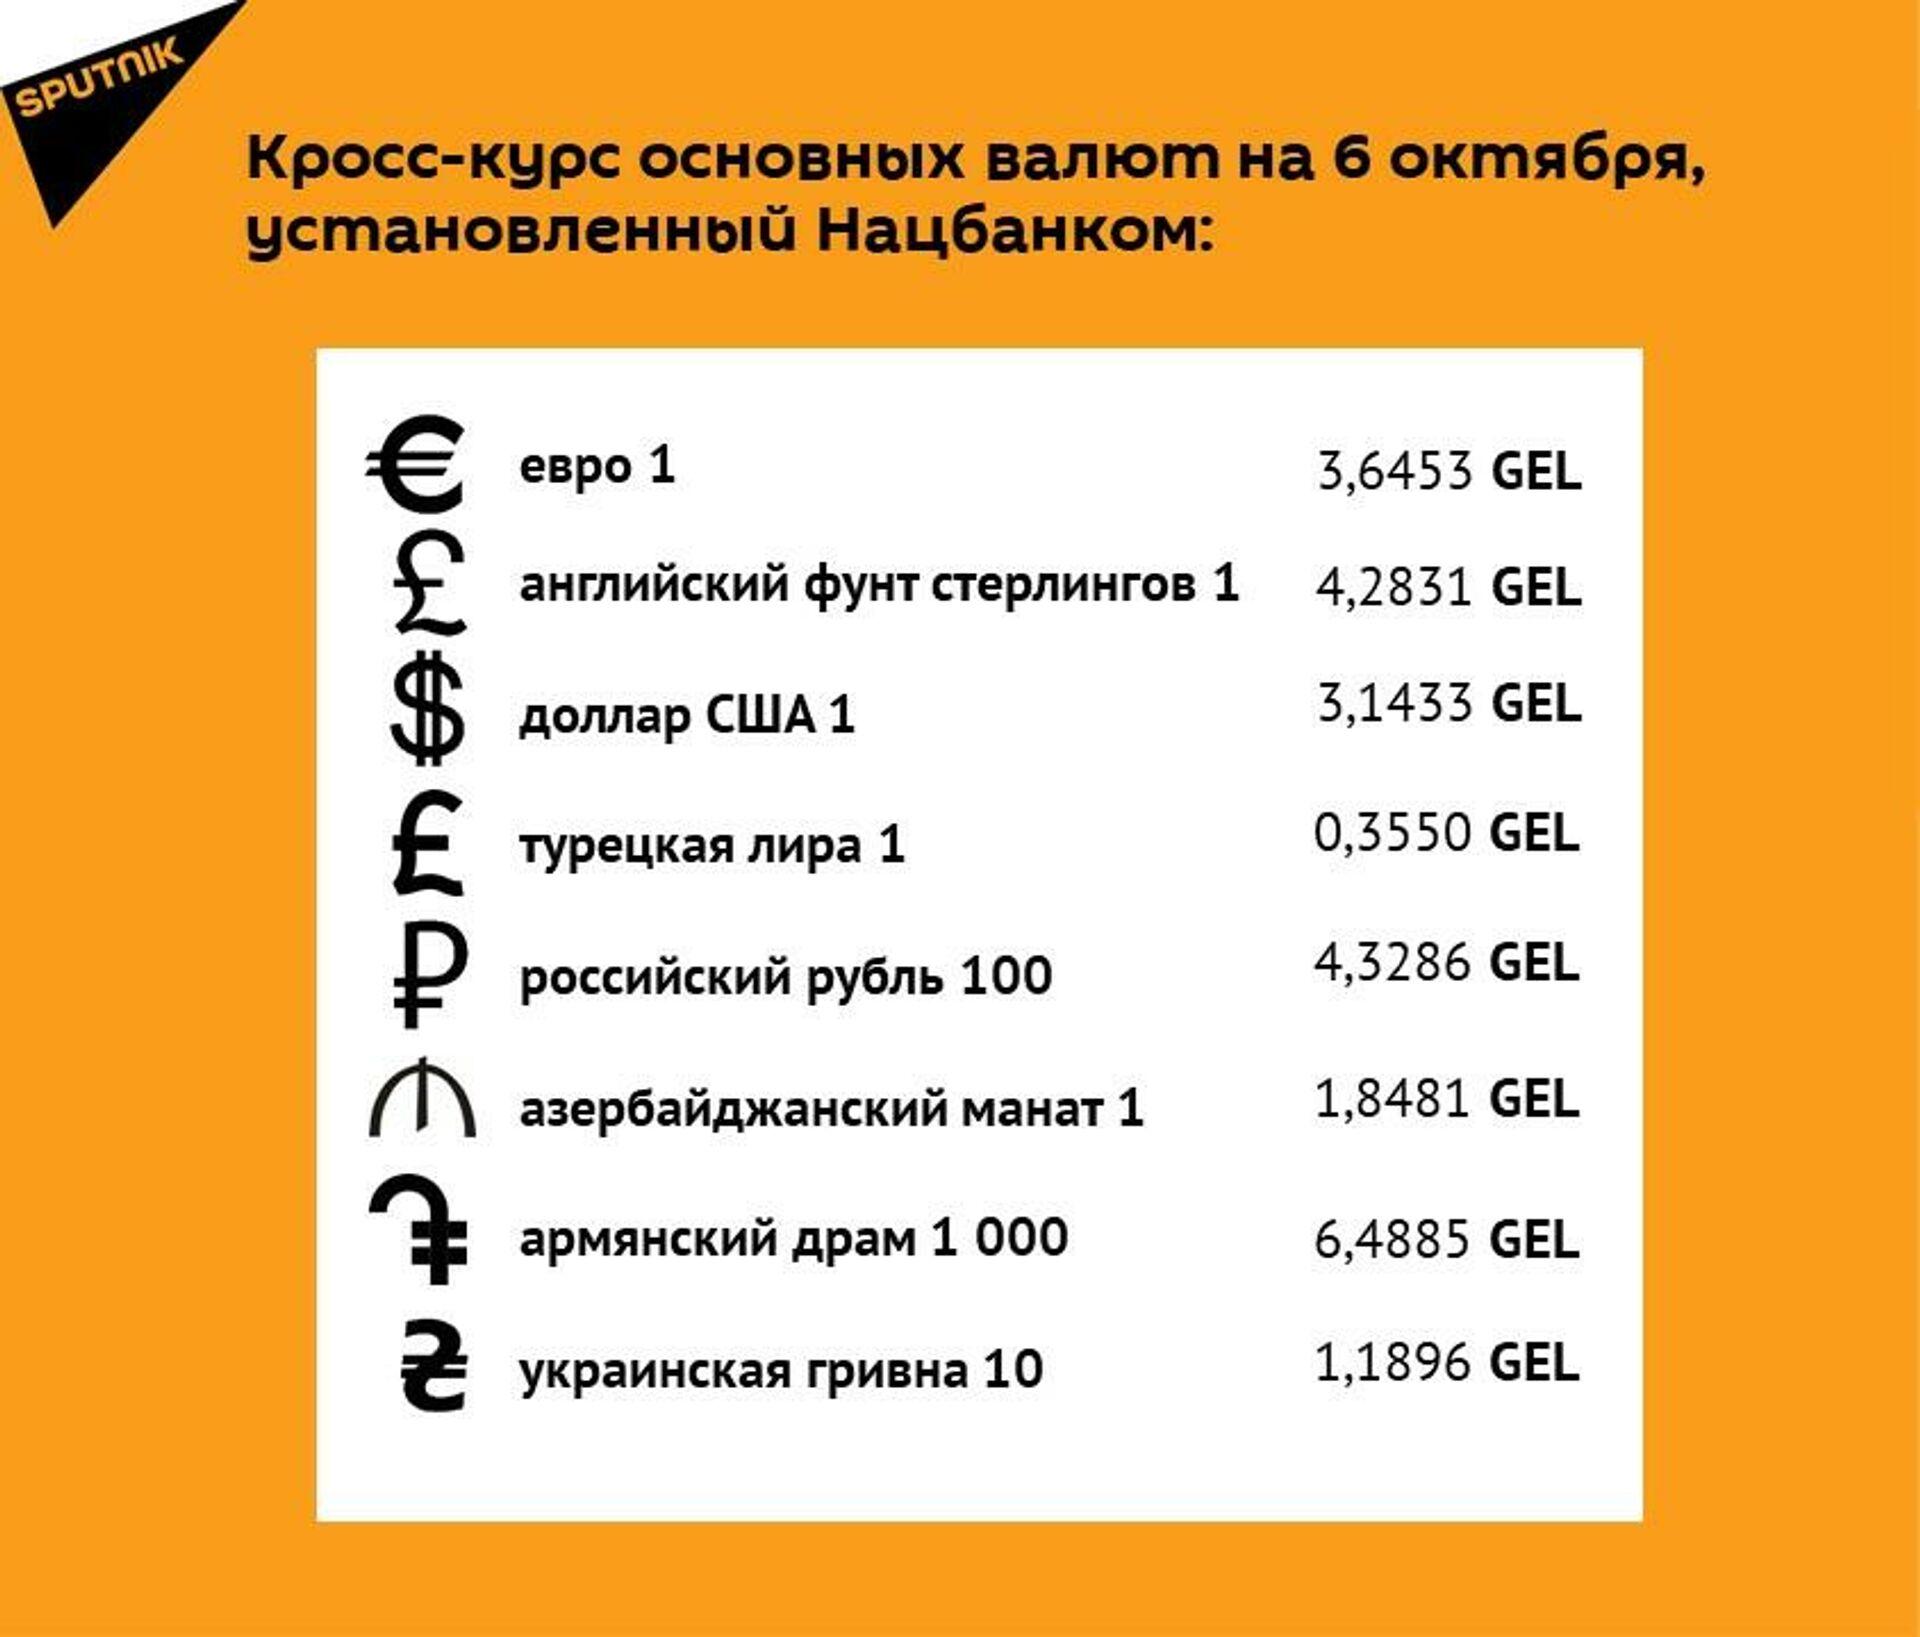 Кросс-курс основных валют на 6 октября - Sputnik Грузия, 1920, 05.10.2021